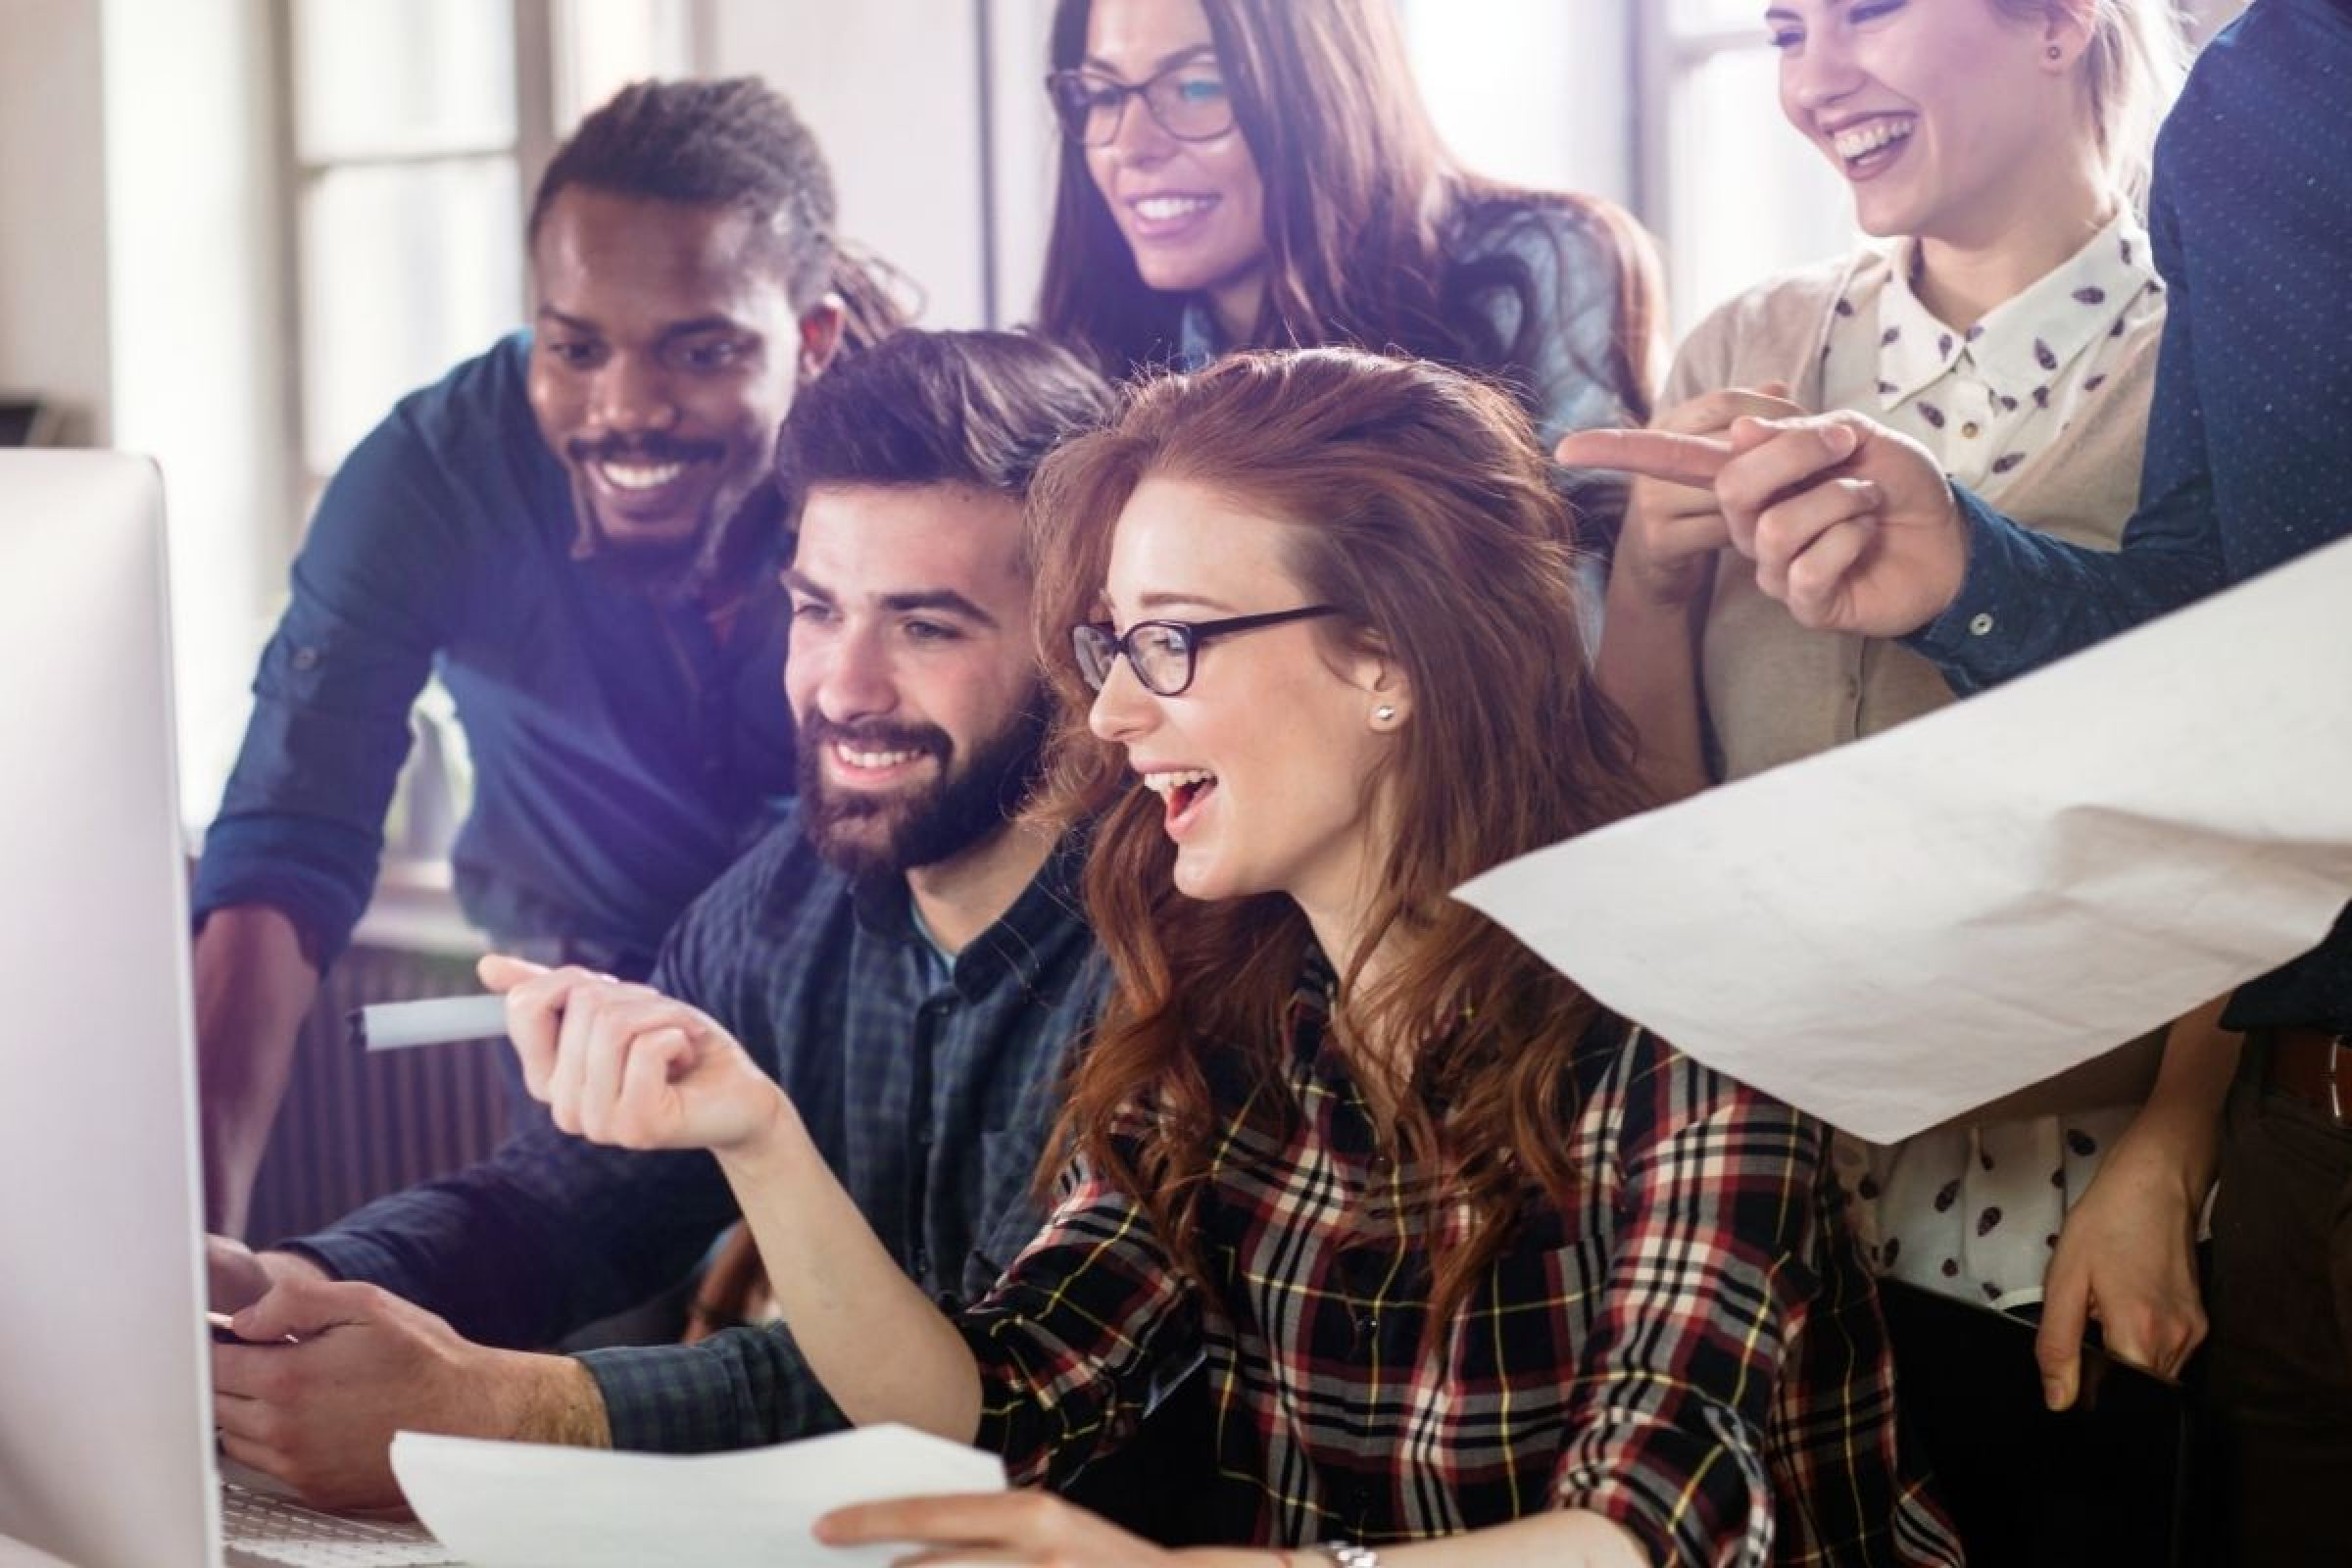 Mitarbeiter:innen binden: Digitale Maßnahmen nutzen